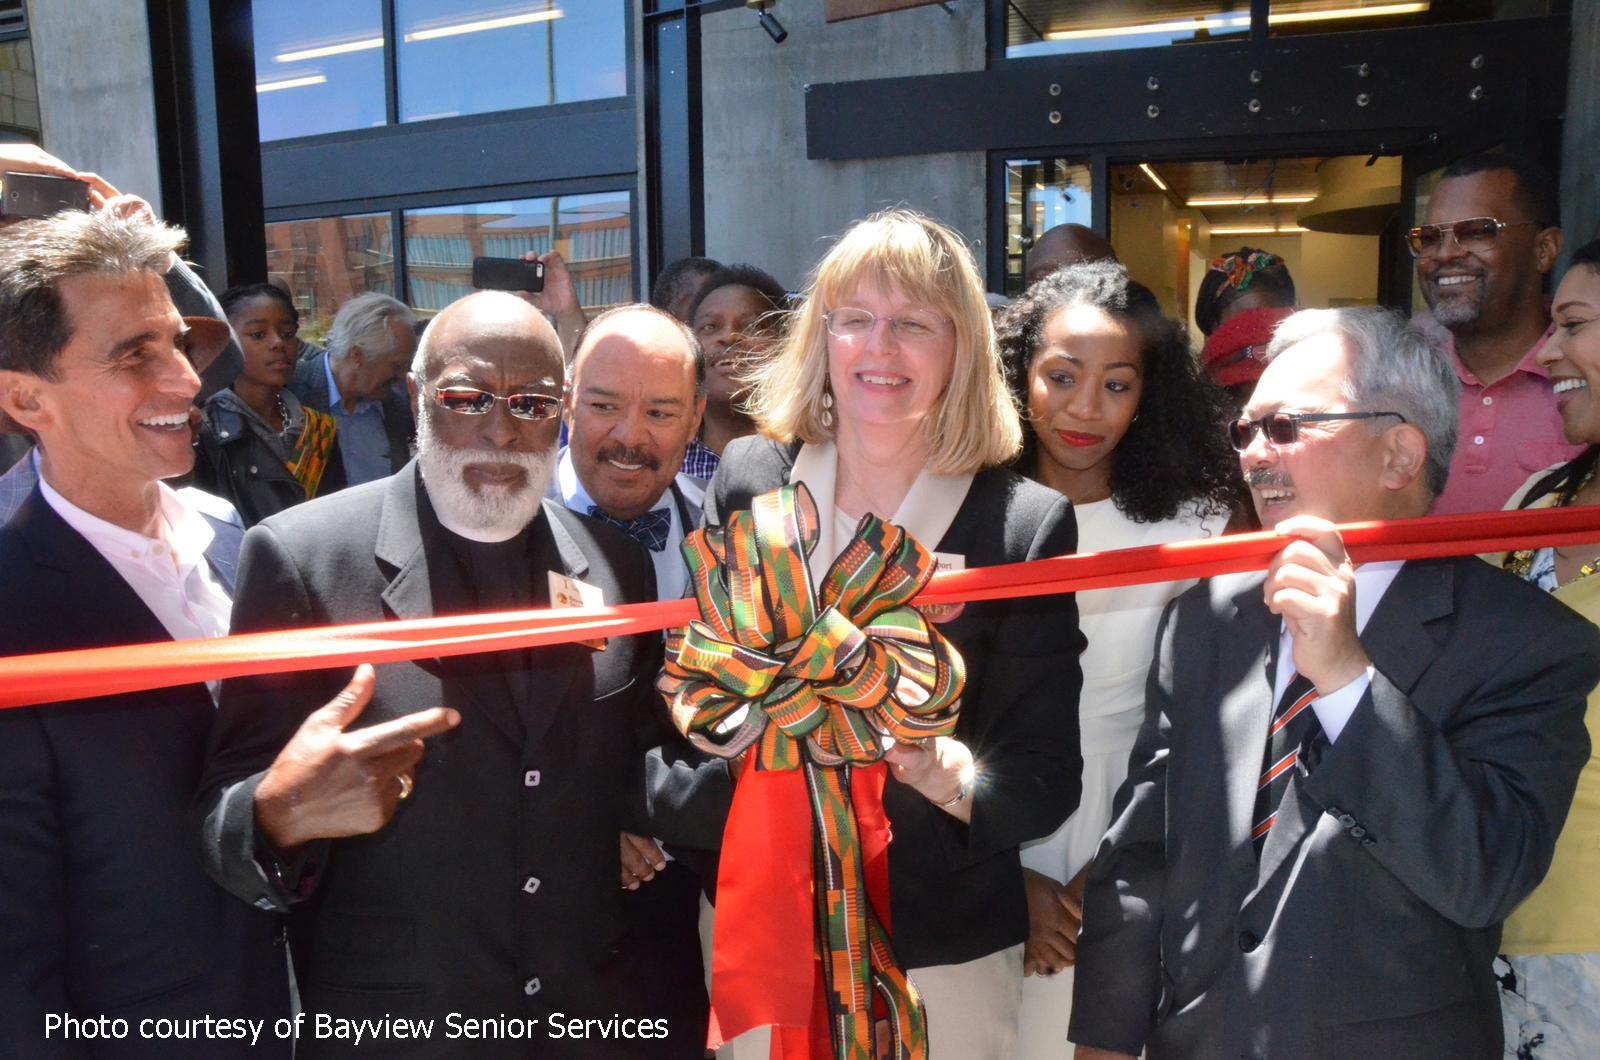 A Dream Come True at the Davis Senior Center and Residence